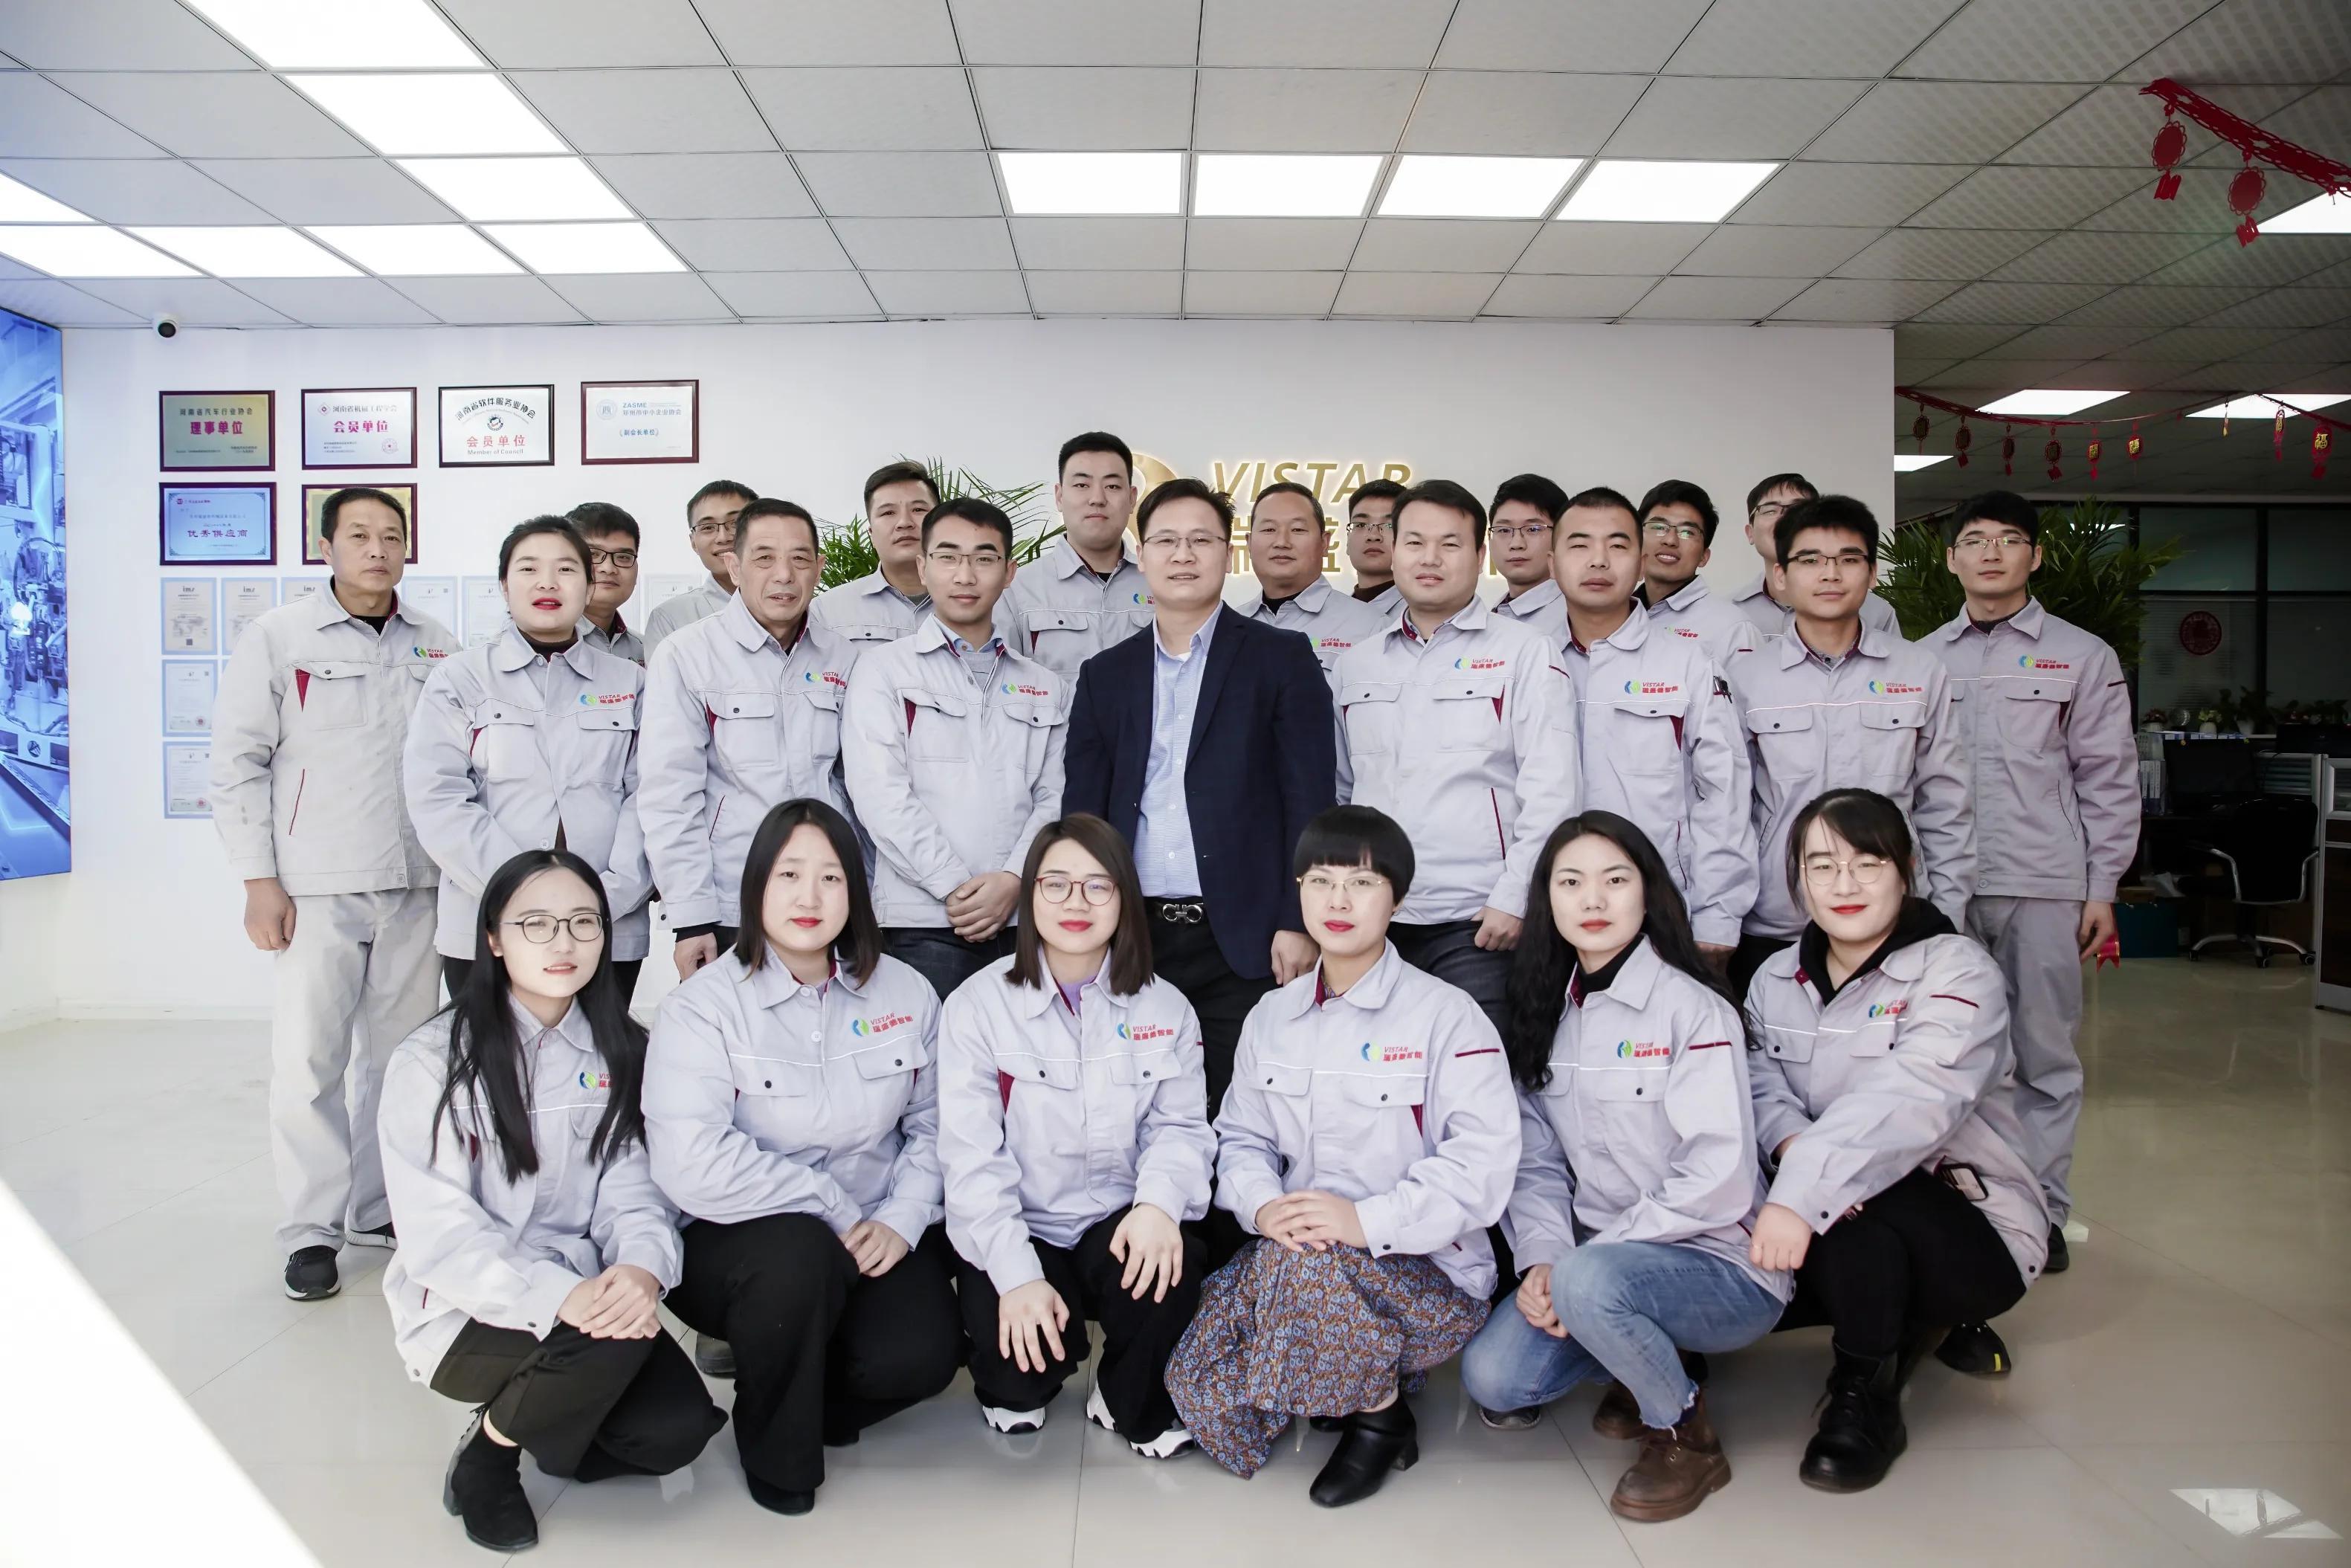 郑州瑞盛德机械设备有限公司十周年庆典暨迎新年活动在郑州举行